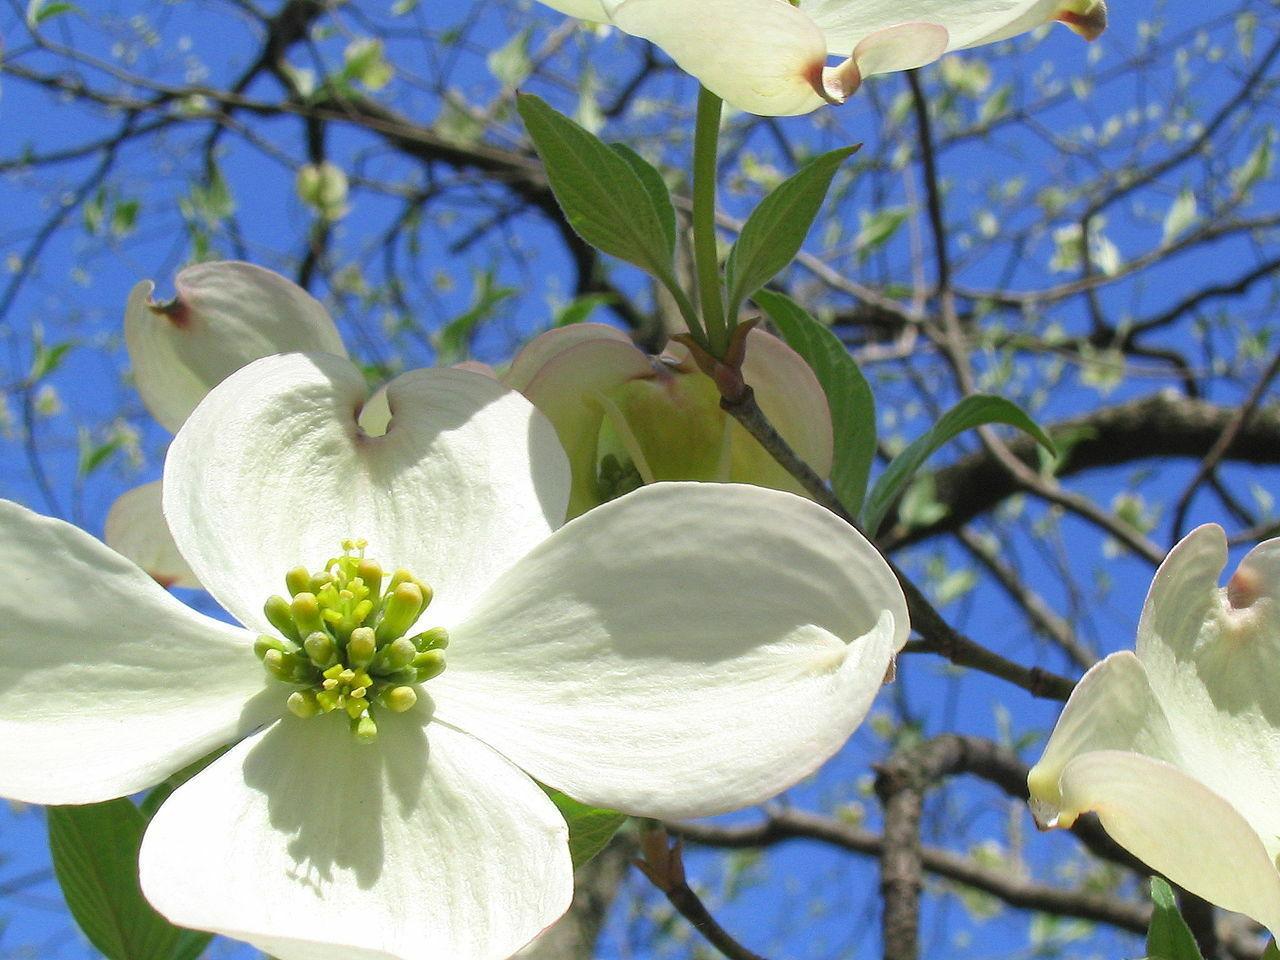 10 Tree Seeds - White Flowering Dogwood Cornus Florida Tree Seeds #TSP - $16.99